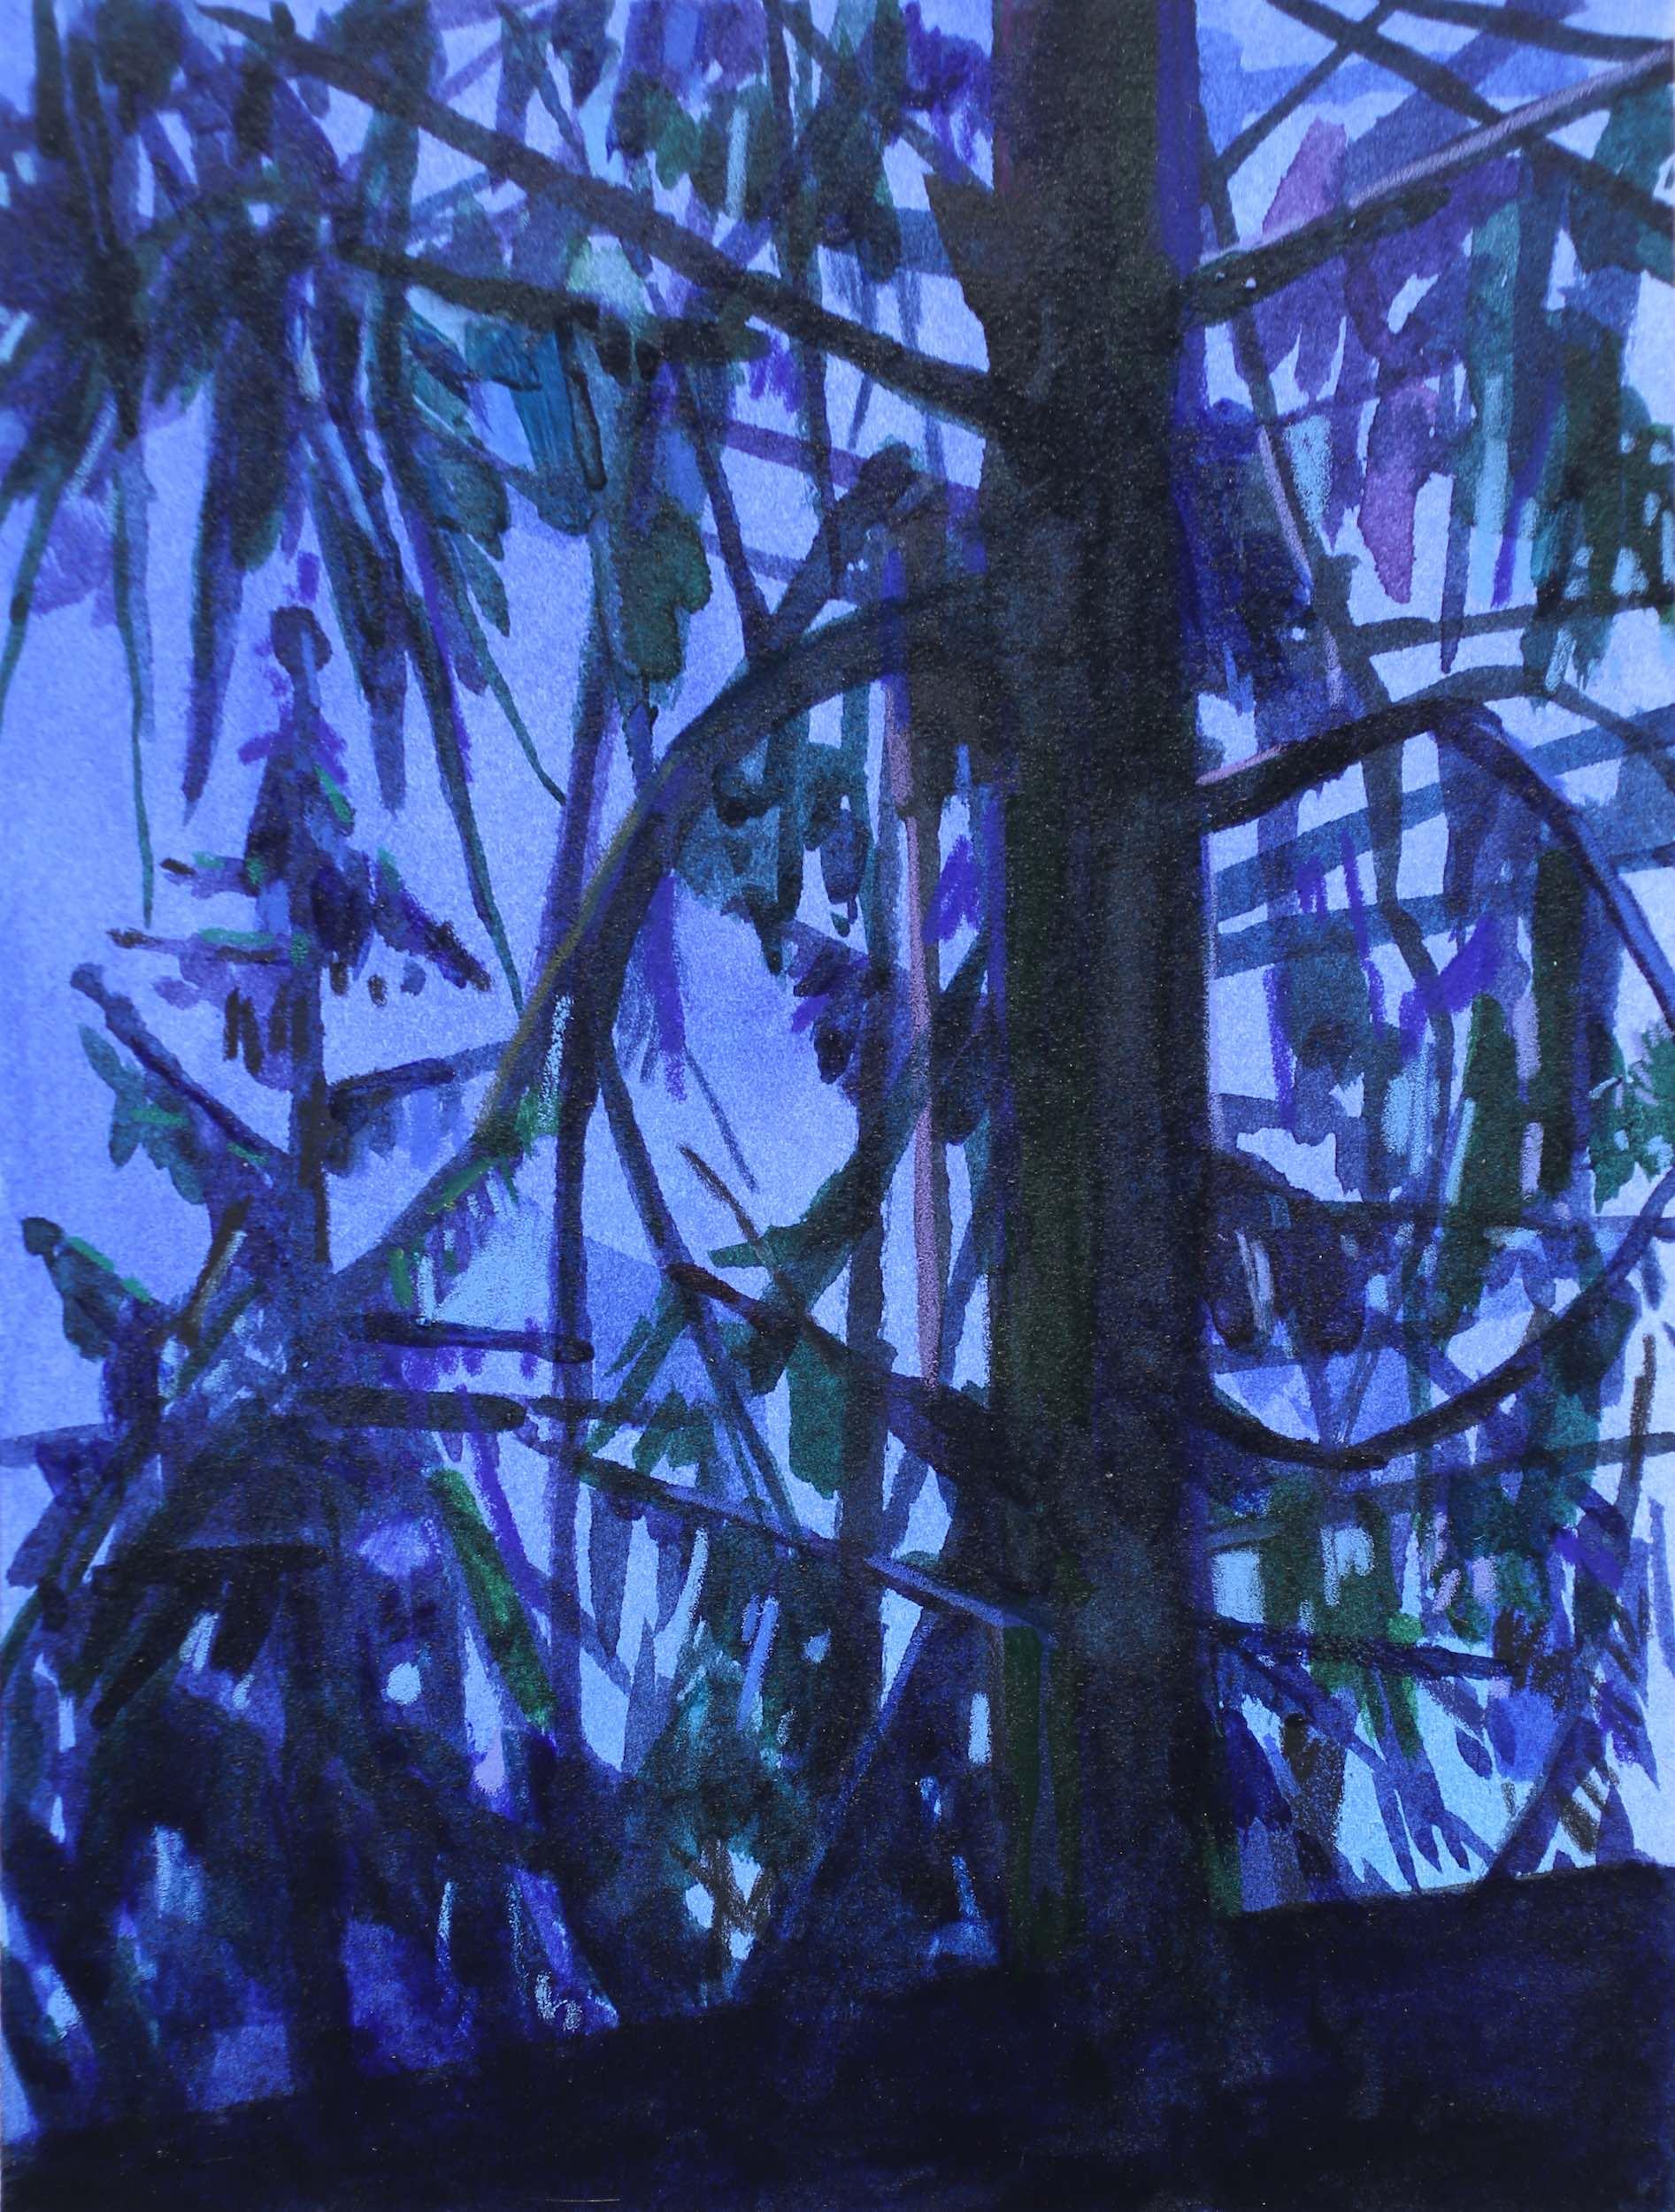 Tree and Night, 2016